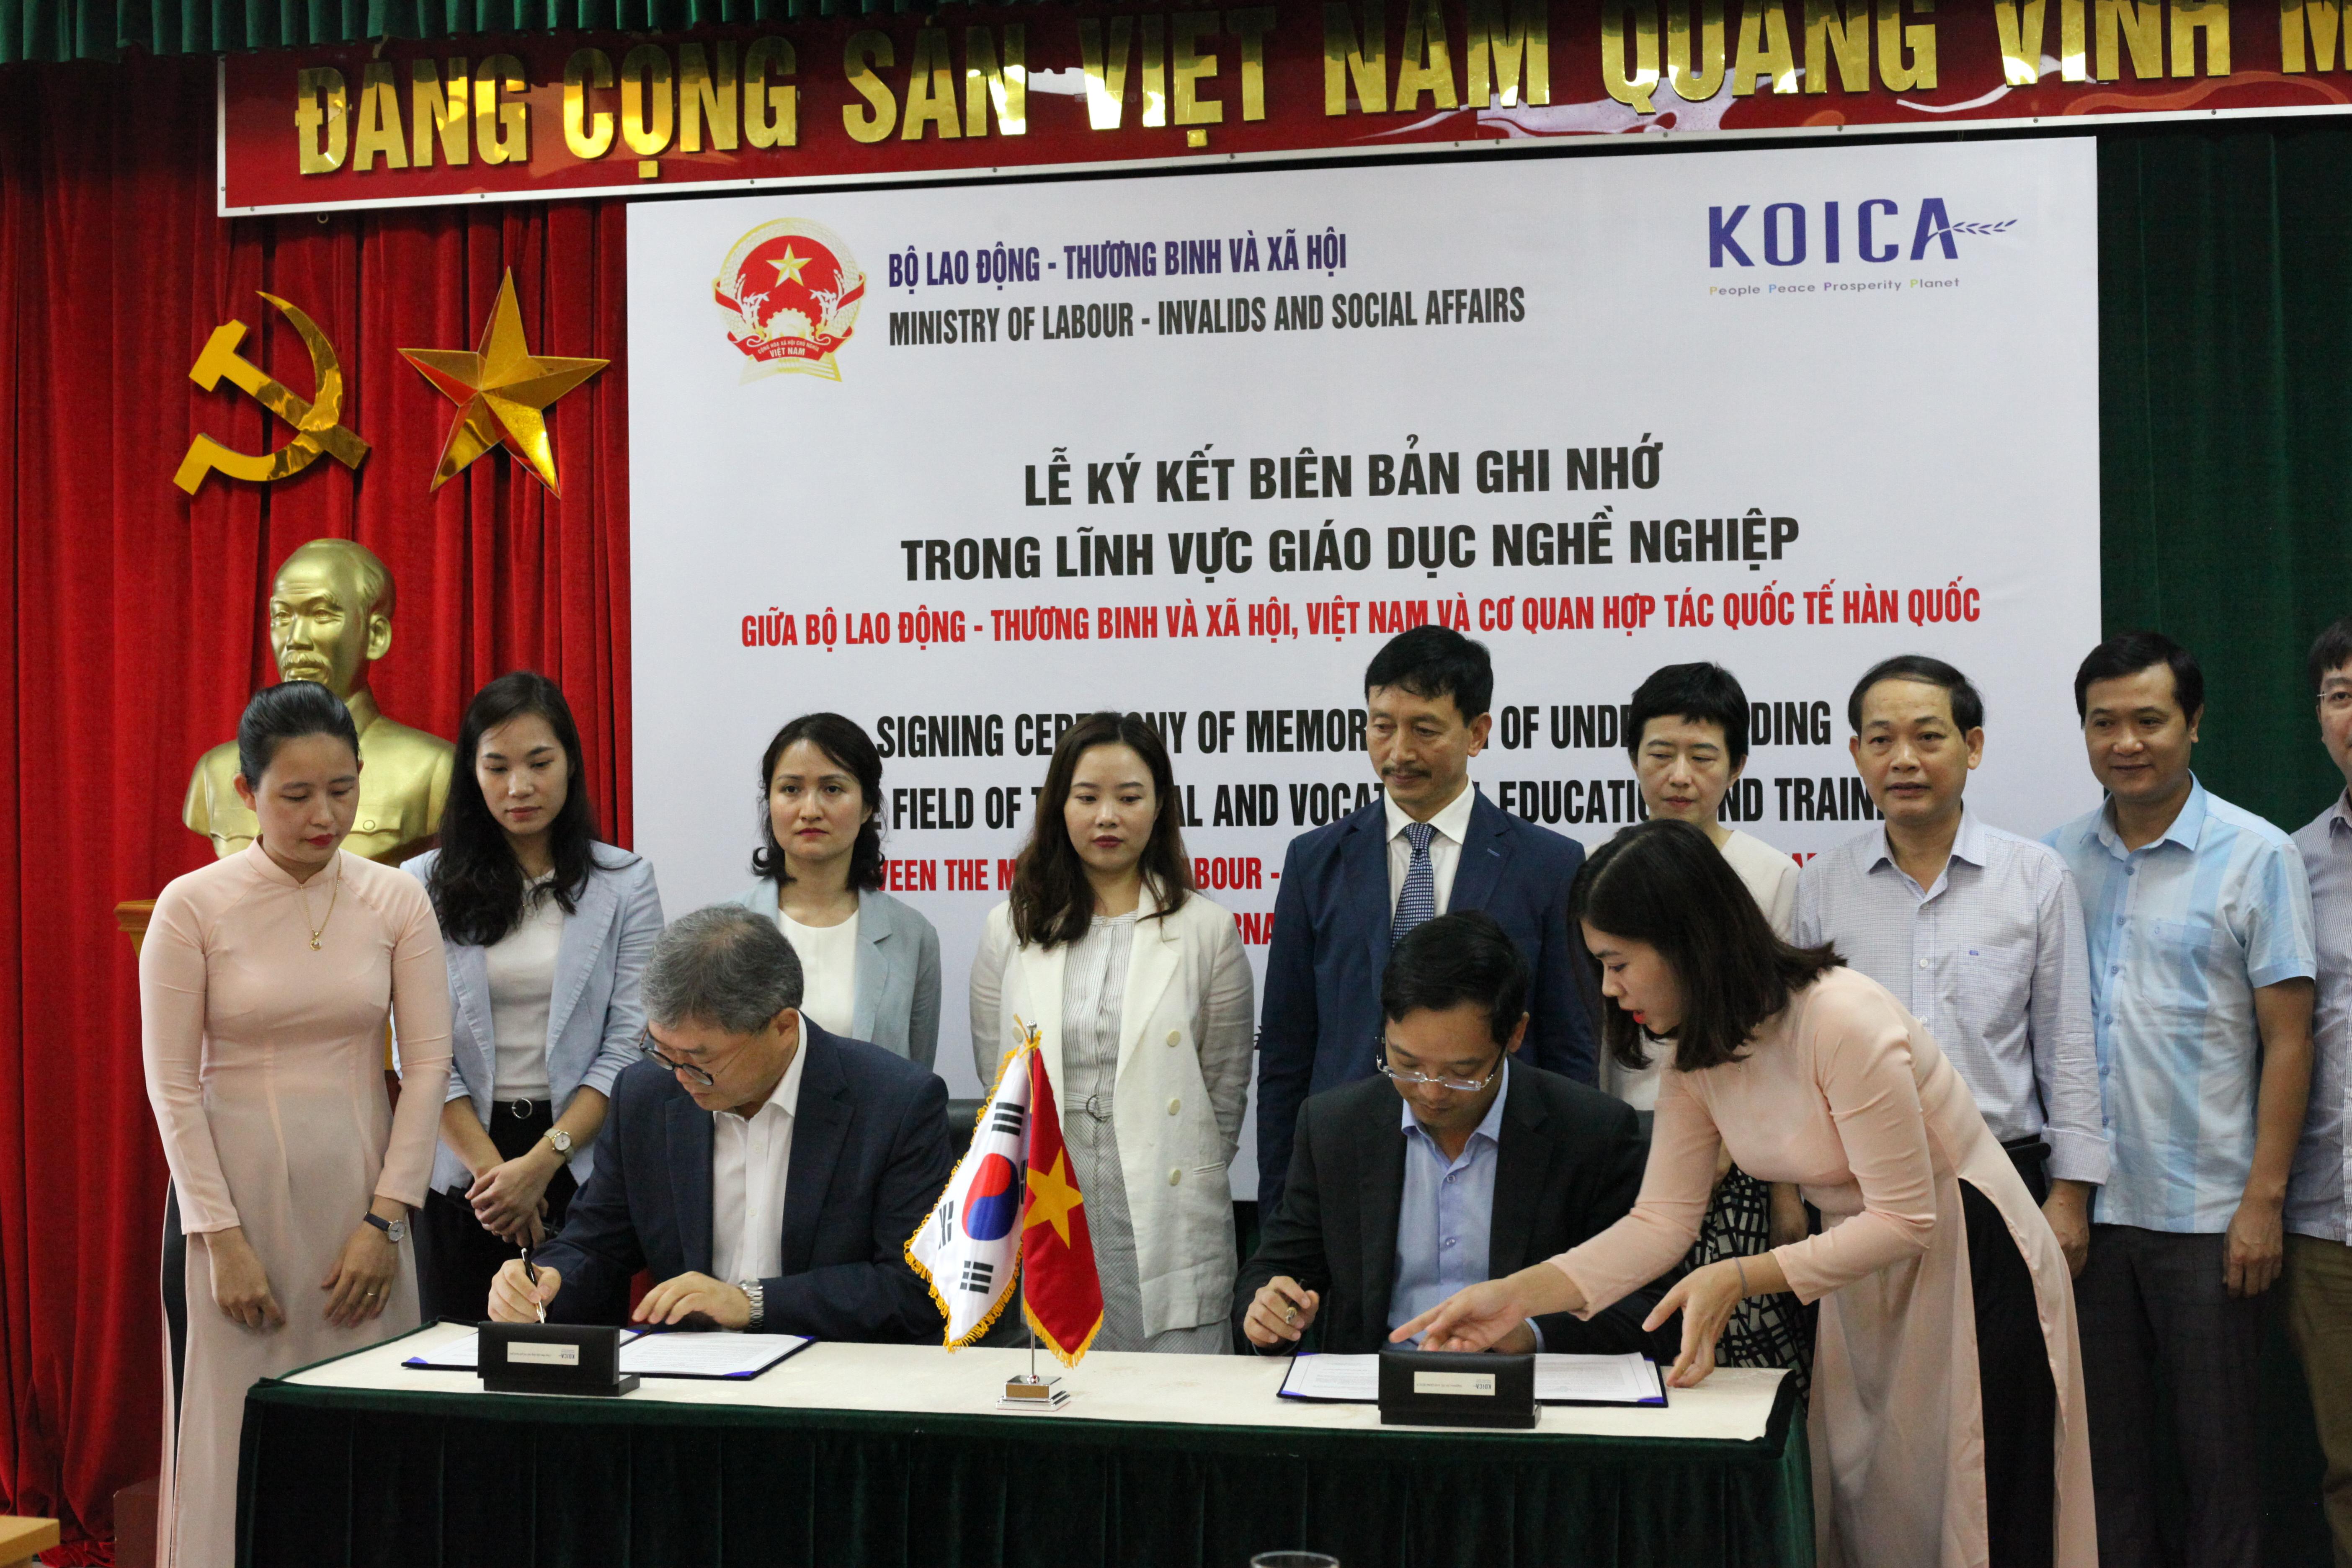 Ông Cho Han-Deog, Giám đốc quốc gia Văn phòng KOICA Việt Nam và ôngTrương Anh Dũng, Tổng cục trưởng Tổng cục GDNN tại lễ ký kết (ảnh: Thiều Lý).